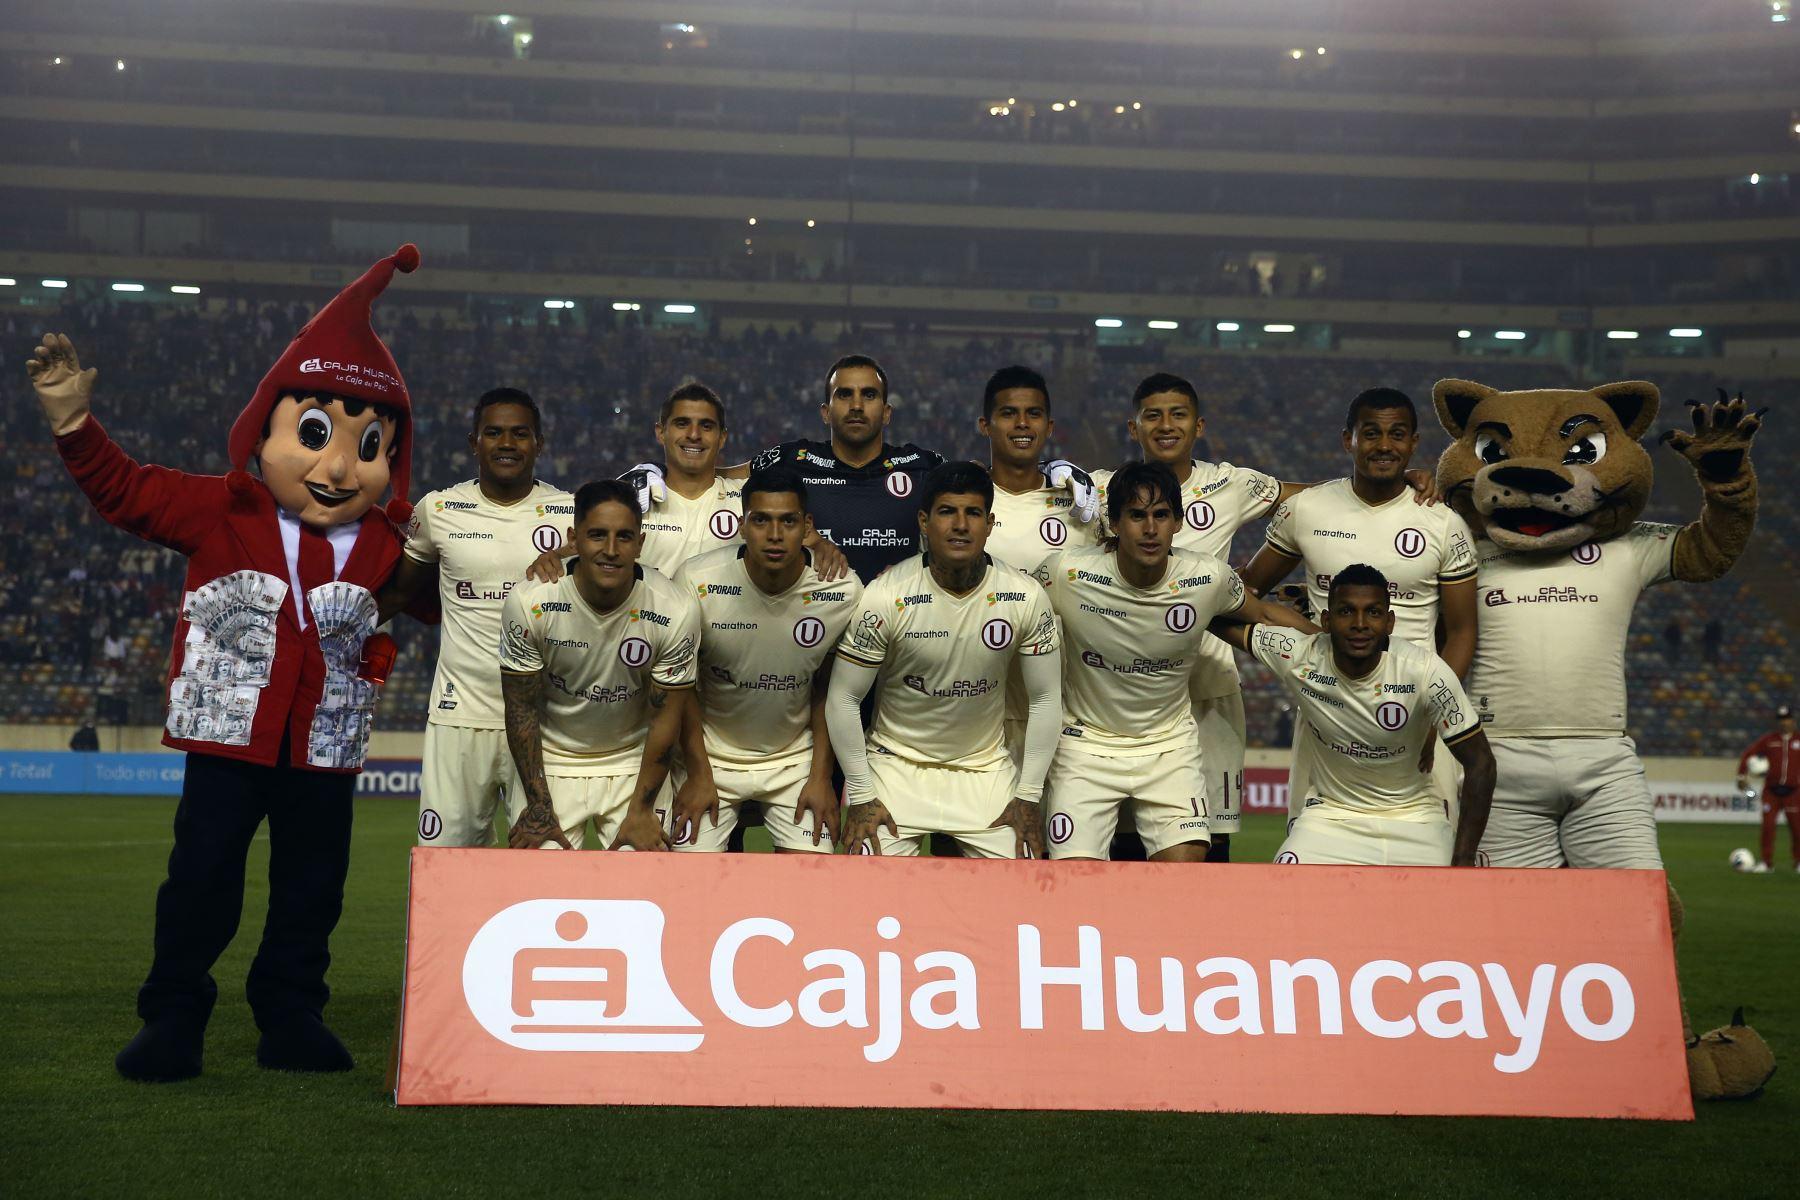 Equipo de Universitario que ganó 2-0 al  Binacional y  se convirtió en el líder  del Torneo Clausura del fútbol peruano 2019. Foto: ANDINA/Vidal Tarqui